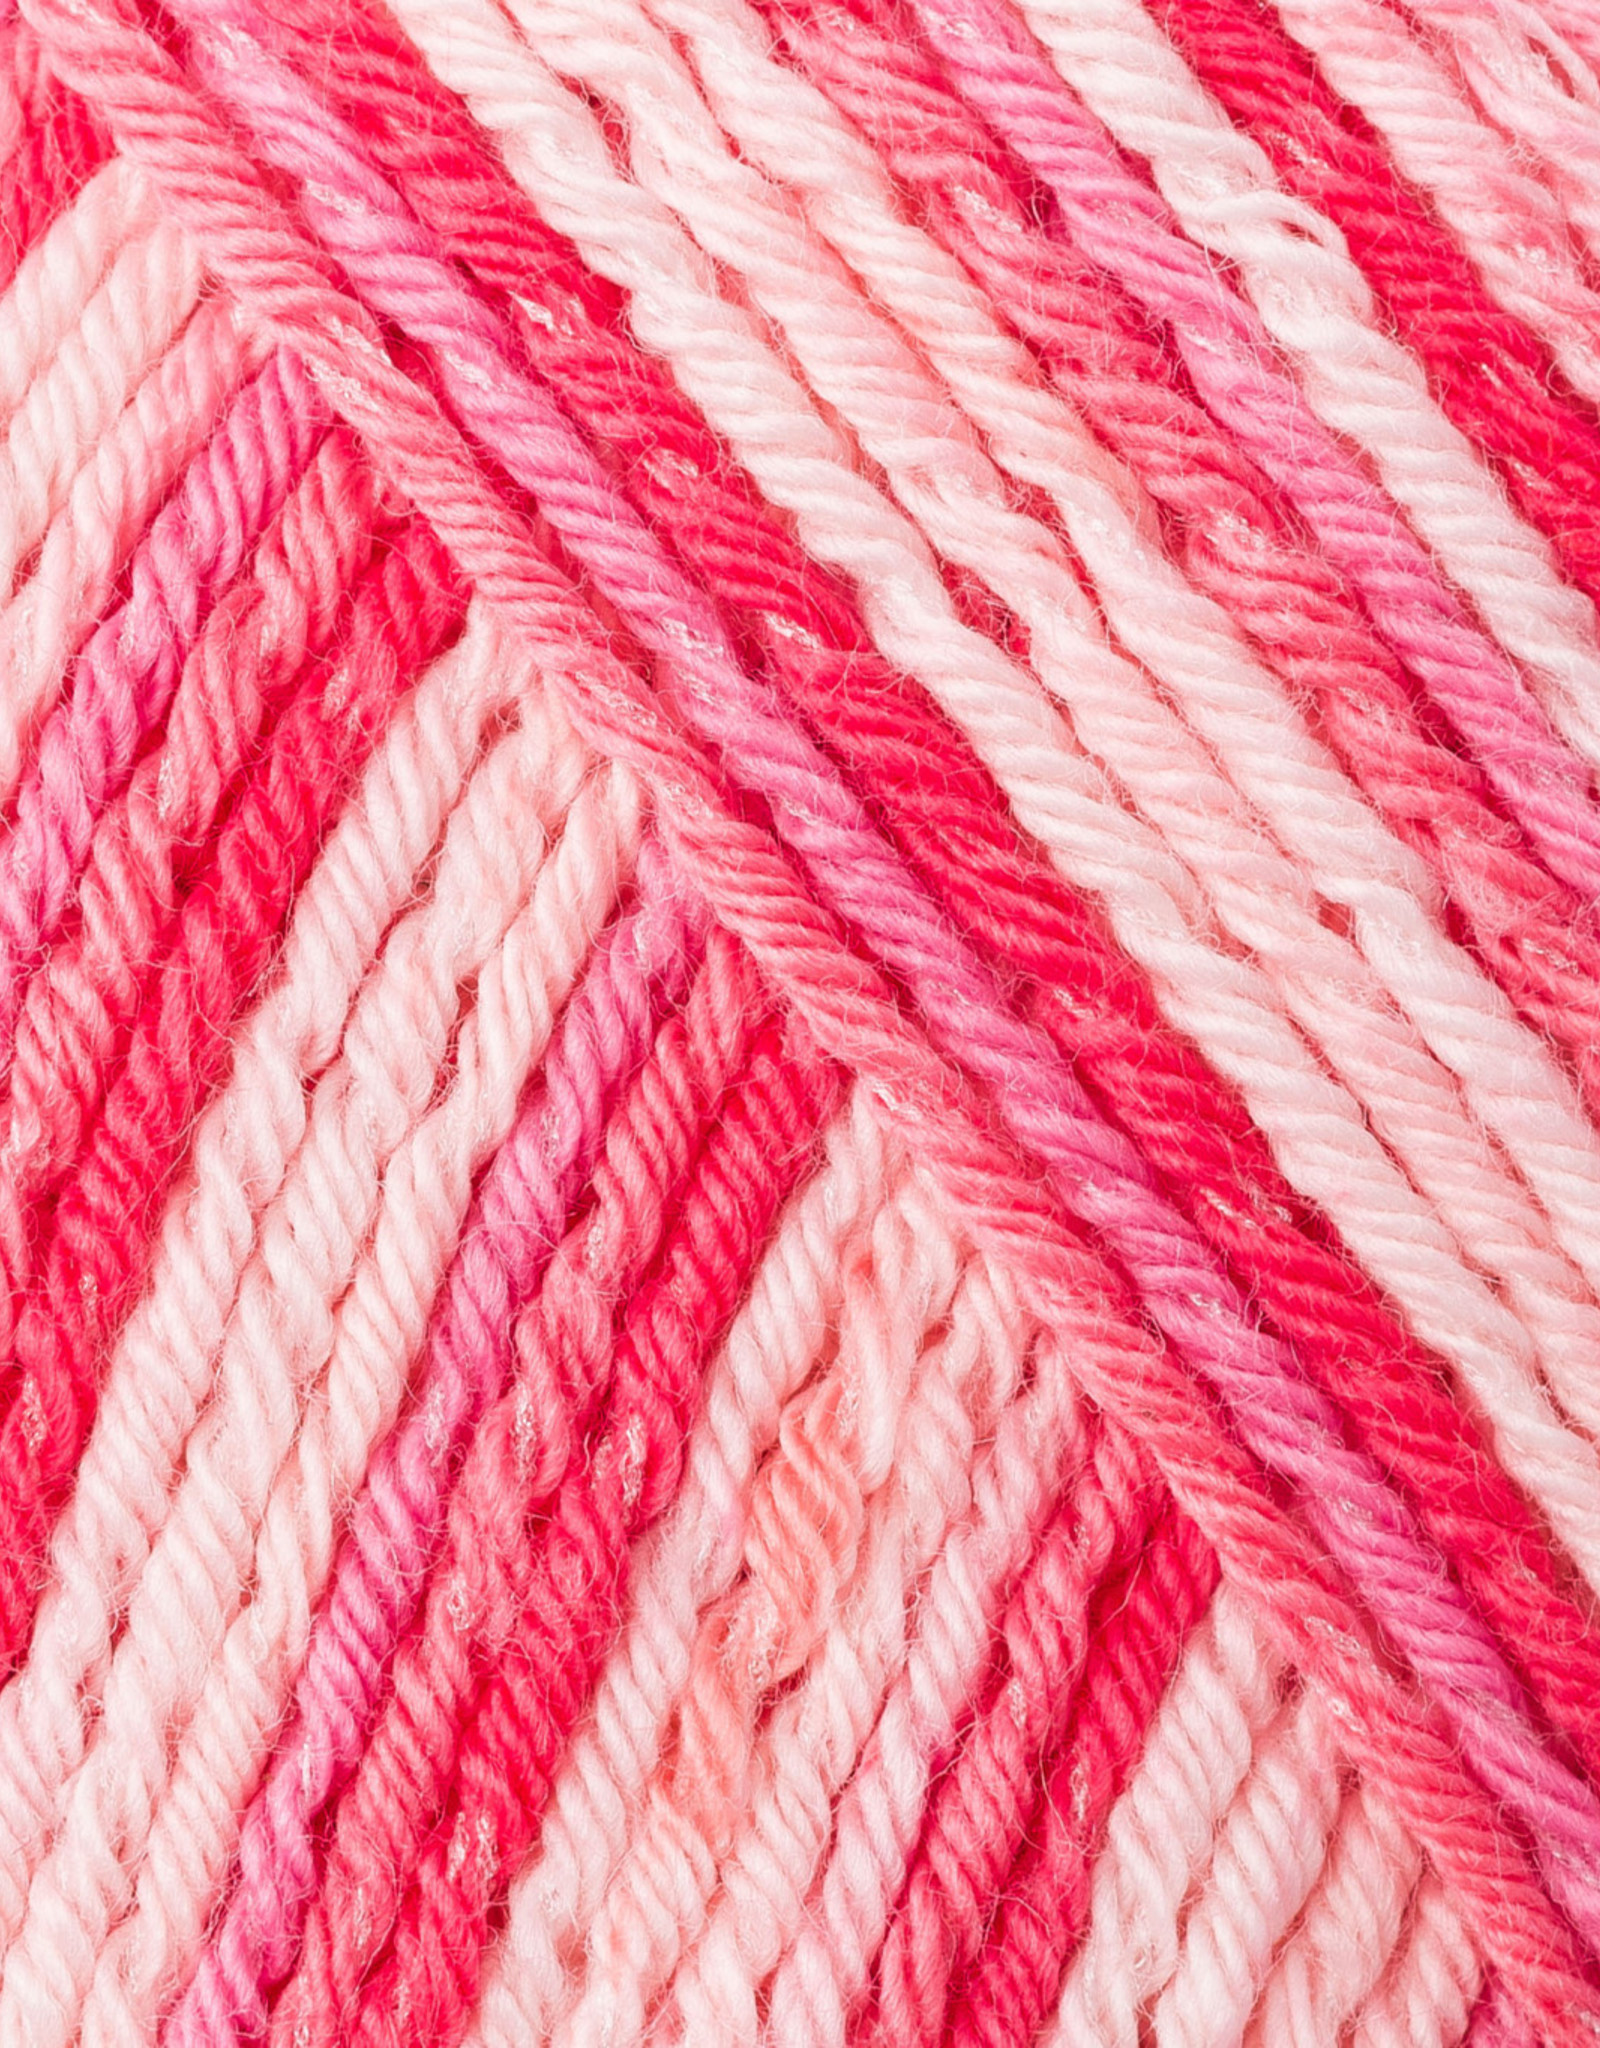 Schachenmayr Tutti Frutti Cotton by Regia